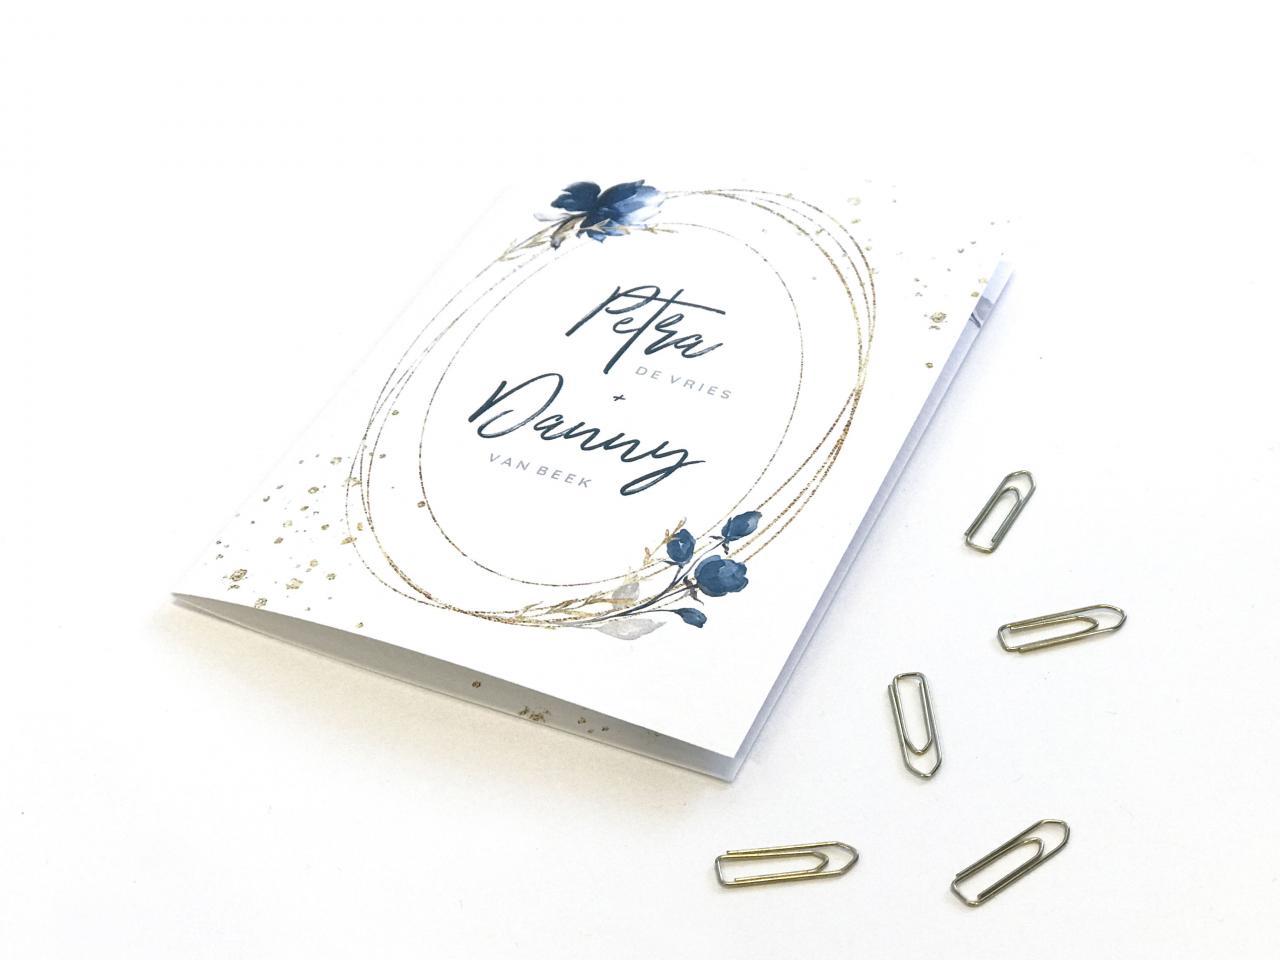 Trouwkaart met gouden ovaal trouwkaart Klassiek Romantisch Aquarel en Watercolor Typografisch